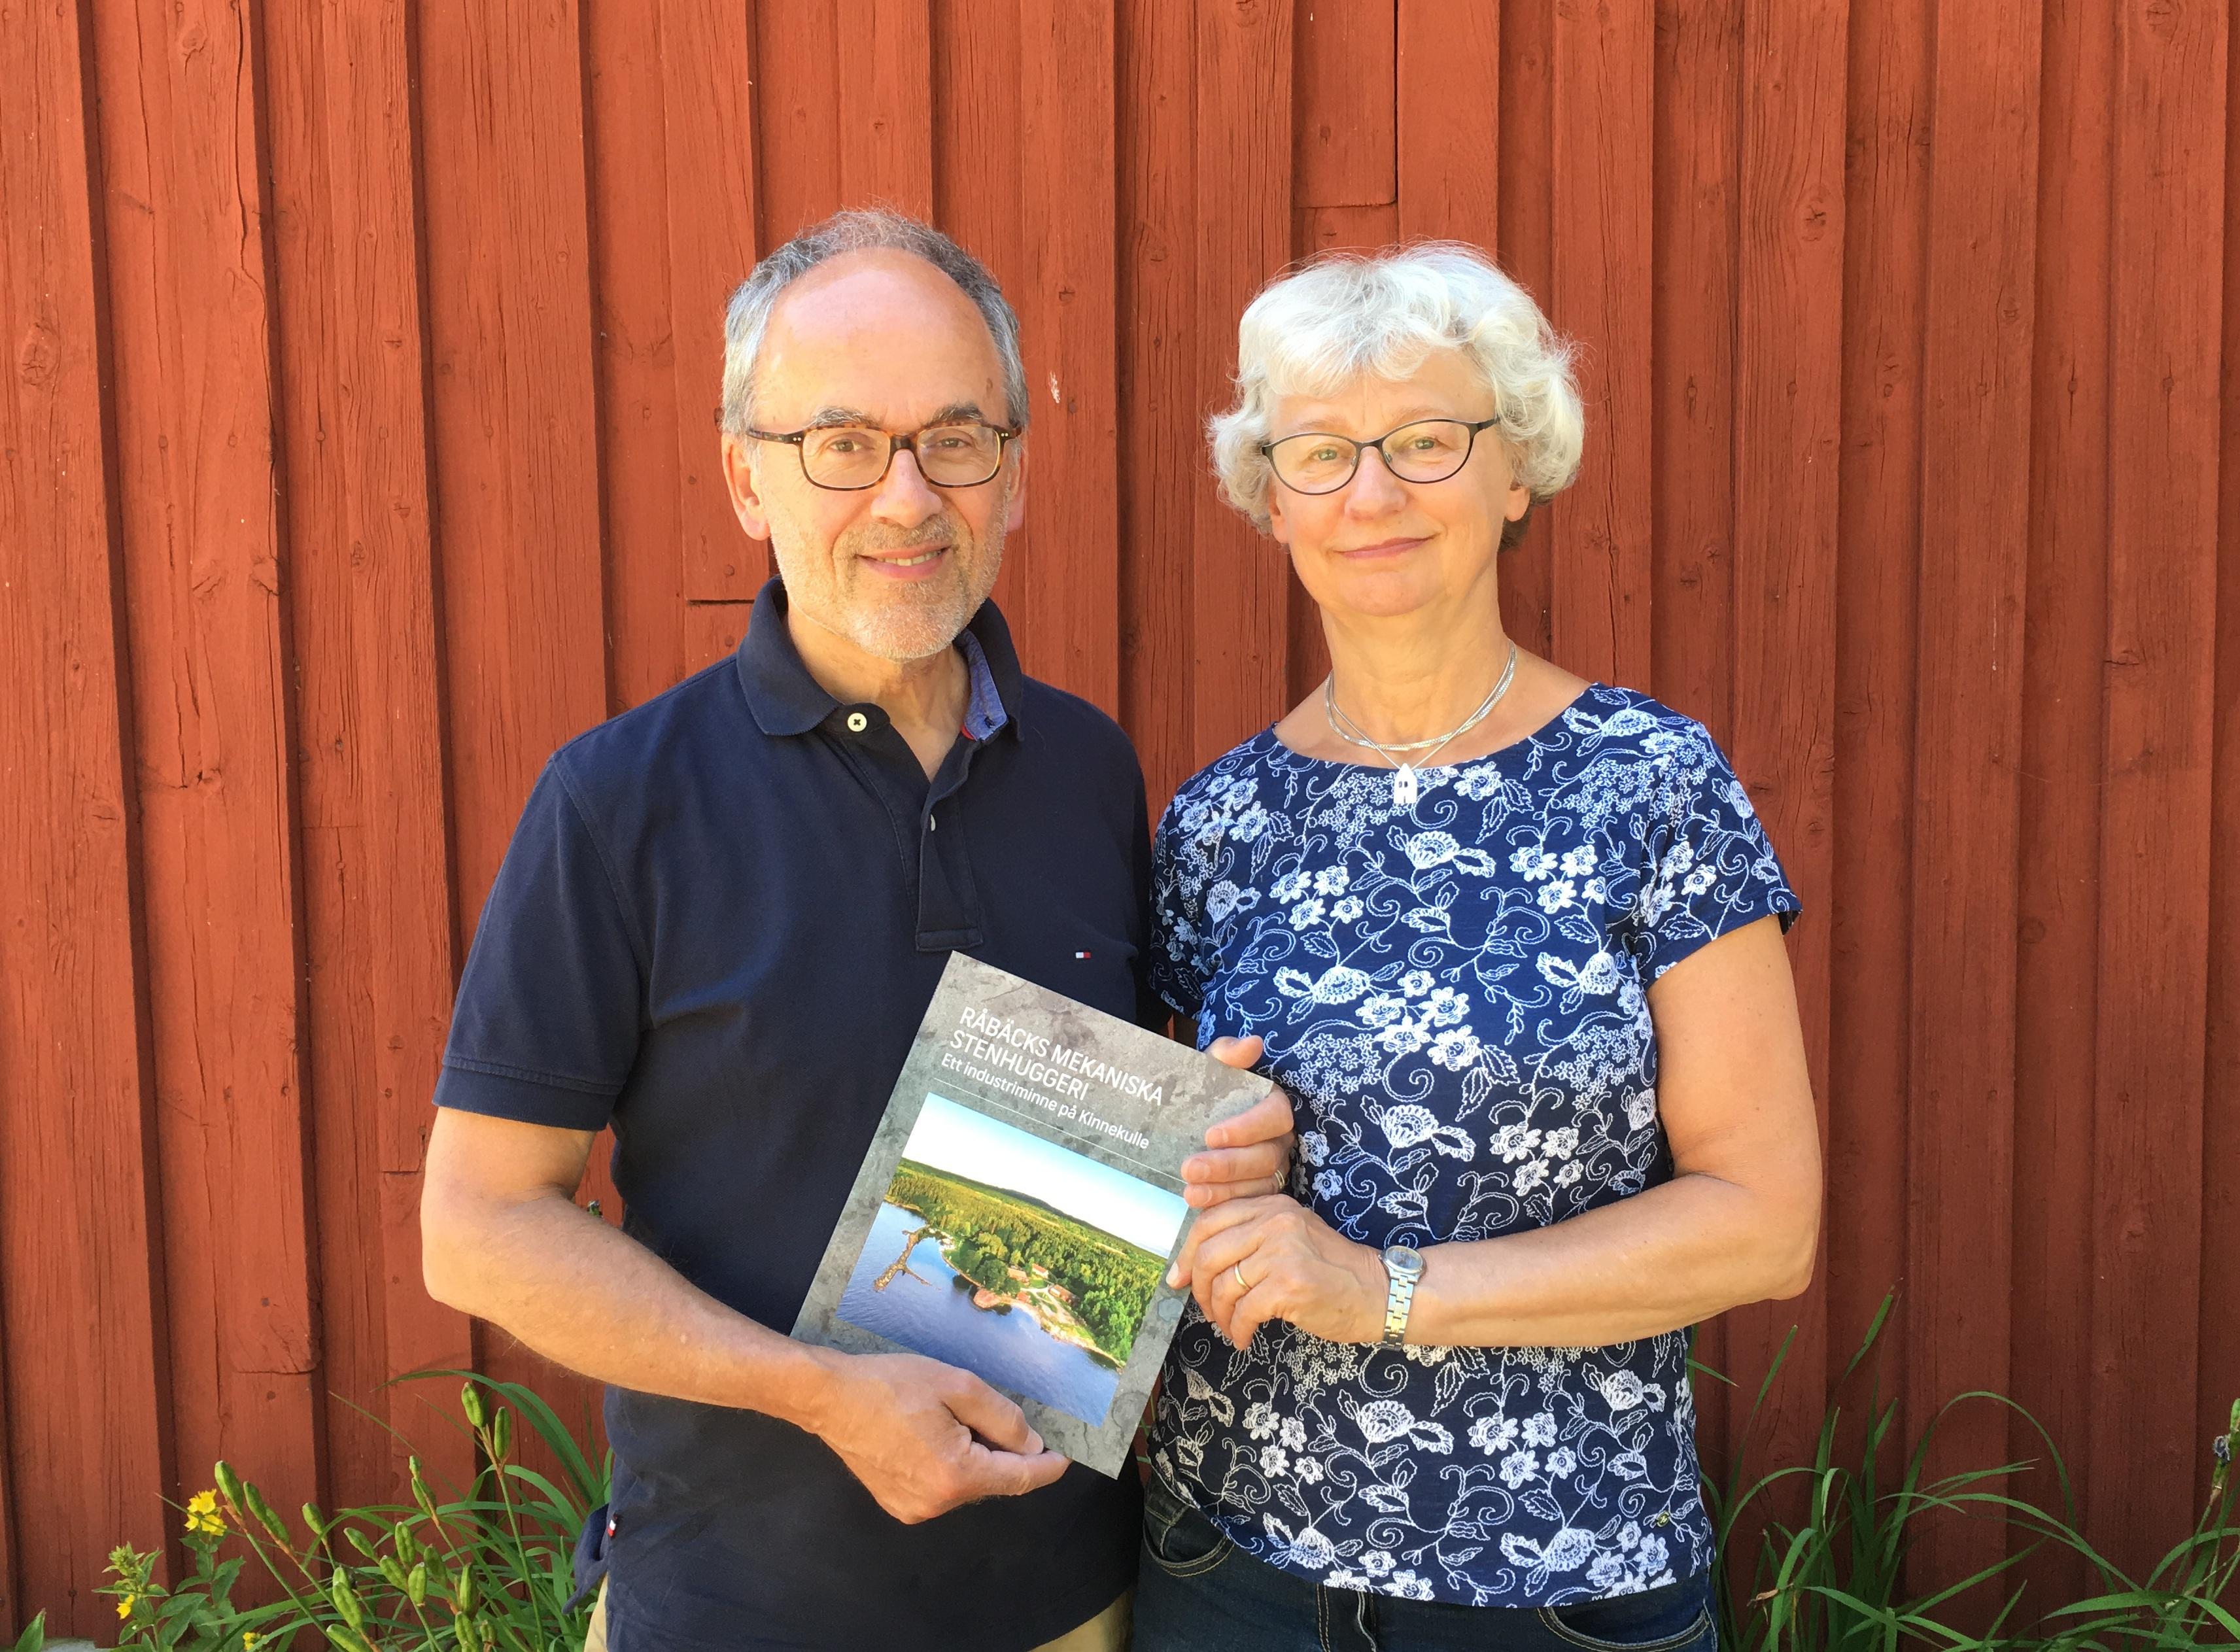 Hallå där Eric Julihn och Eva Björkman, författare till den nysläppta boken Råbäcks Mekaniska Stenhuggeri – ett industriminne på Kinnekulle.